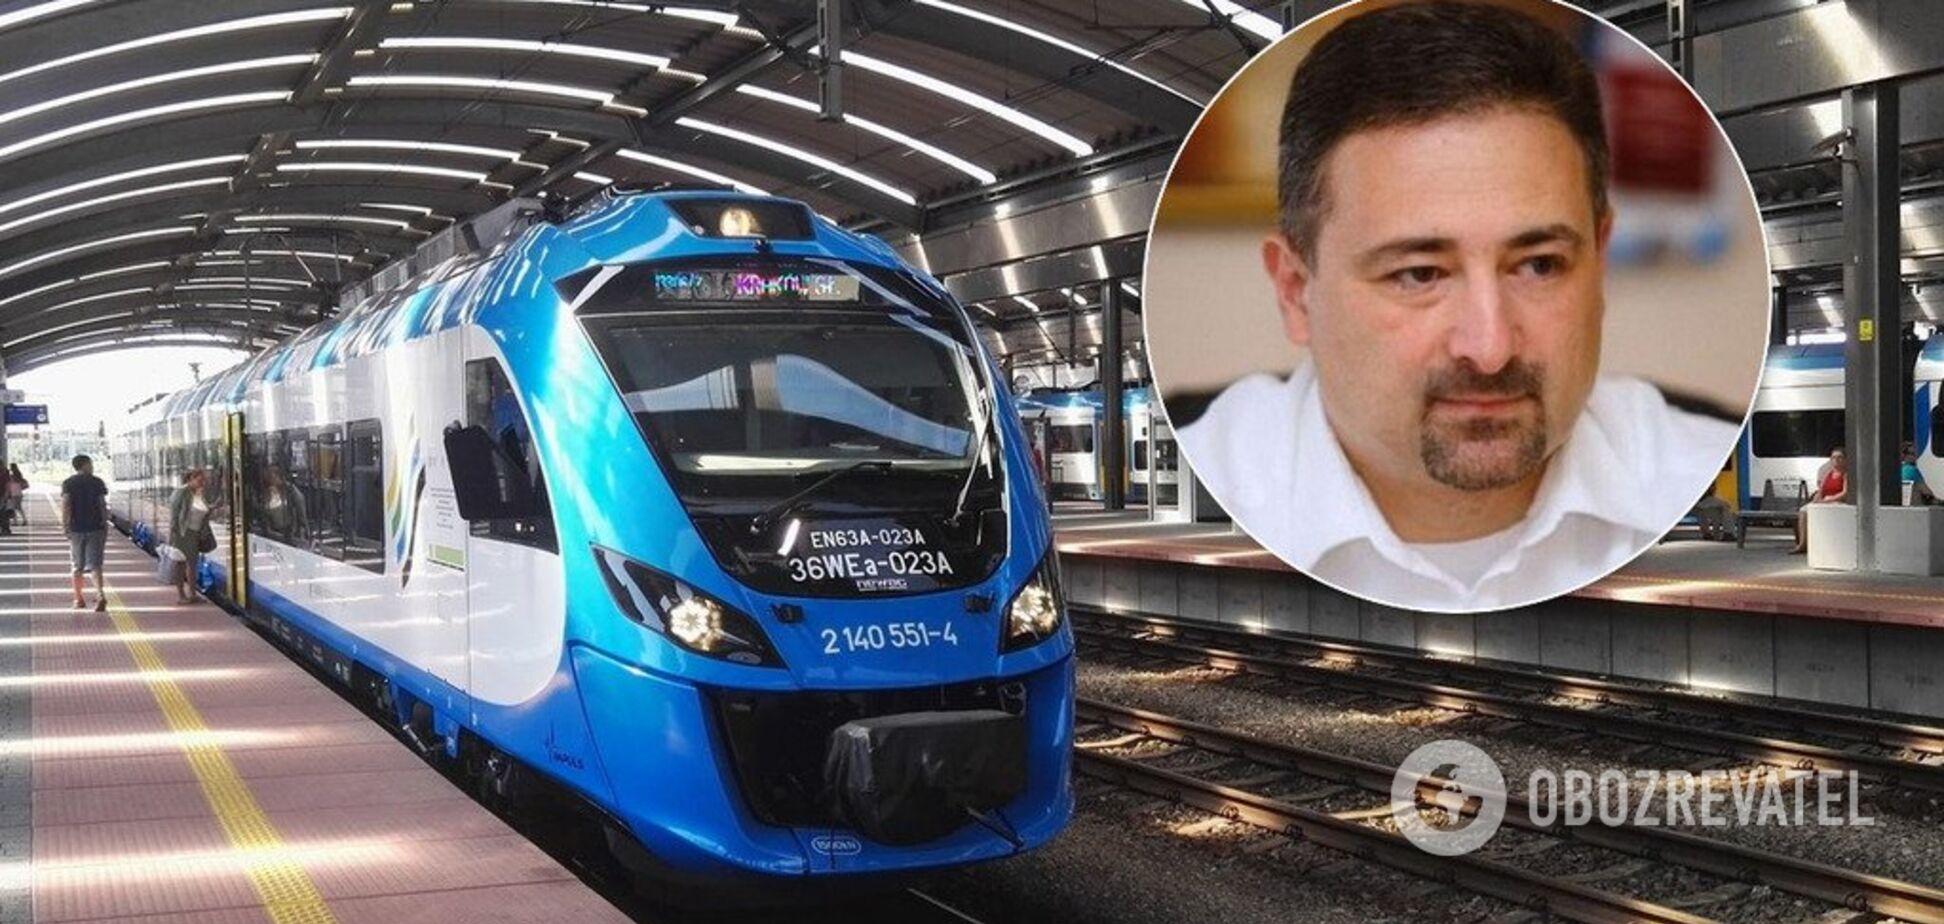 'Засмучені бігають': у Зеленського відреагували на 'нового керівника' УЗ